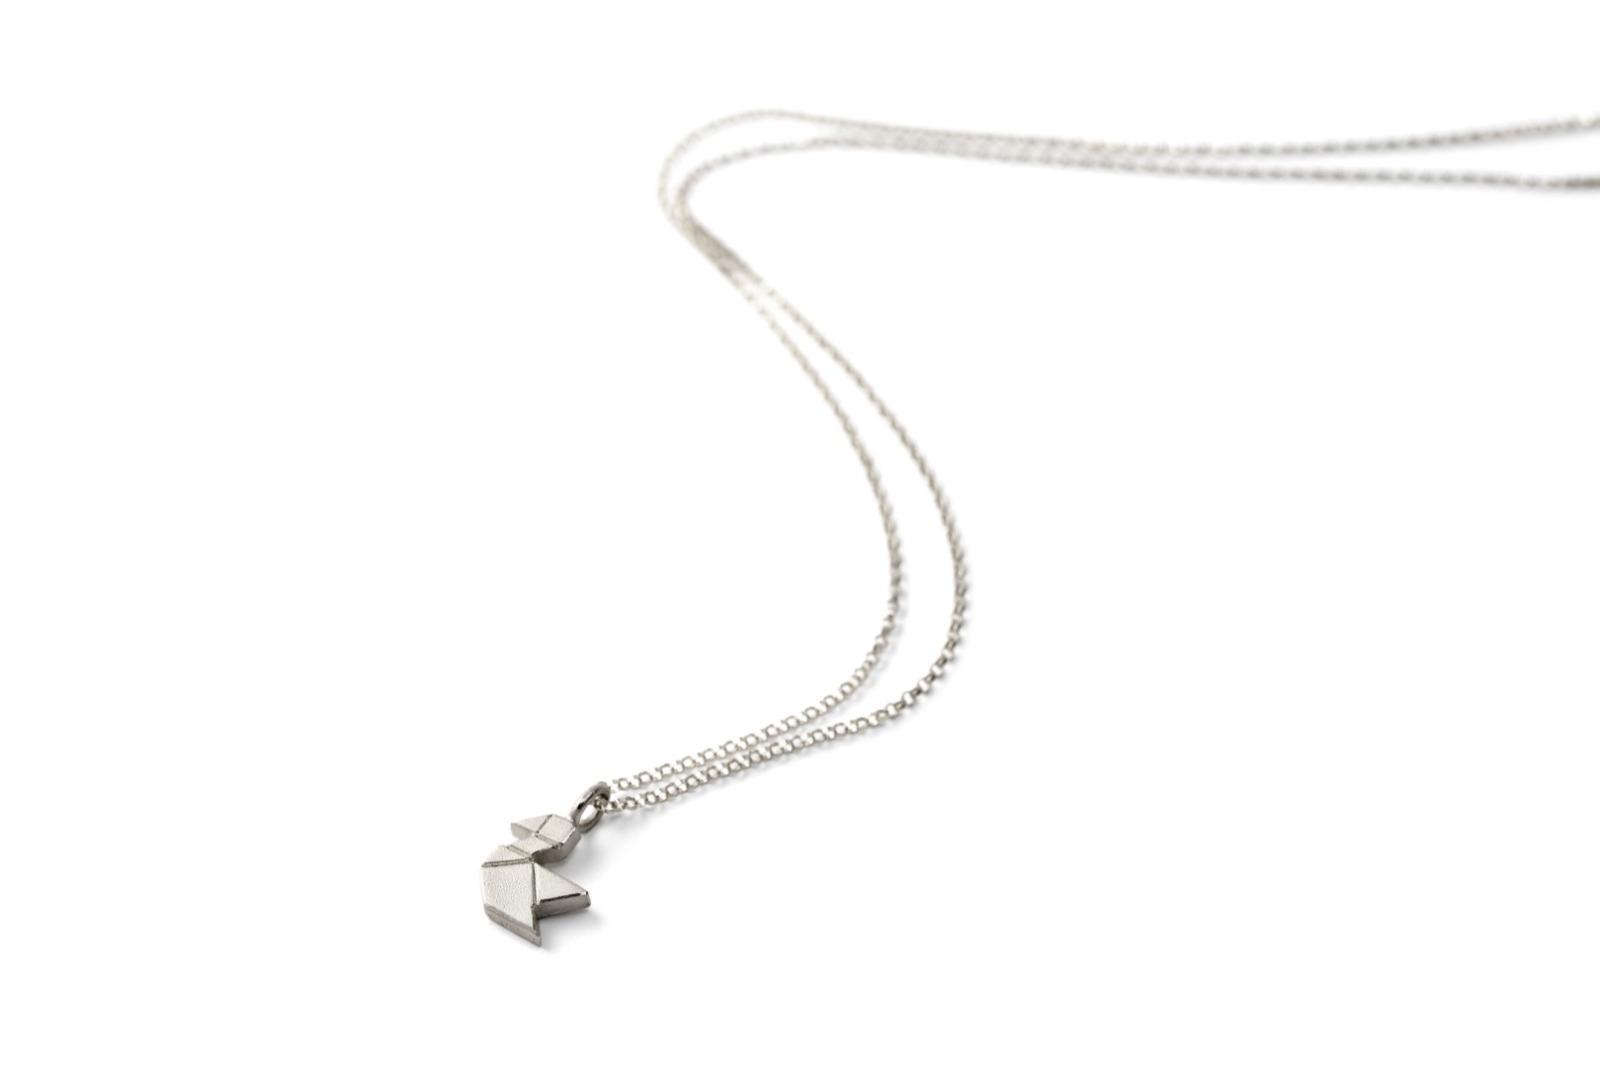 Tangram-Kette VÖGELCHEN 925 Silber